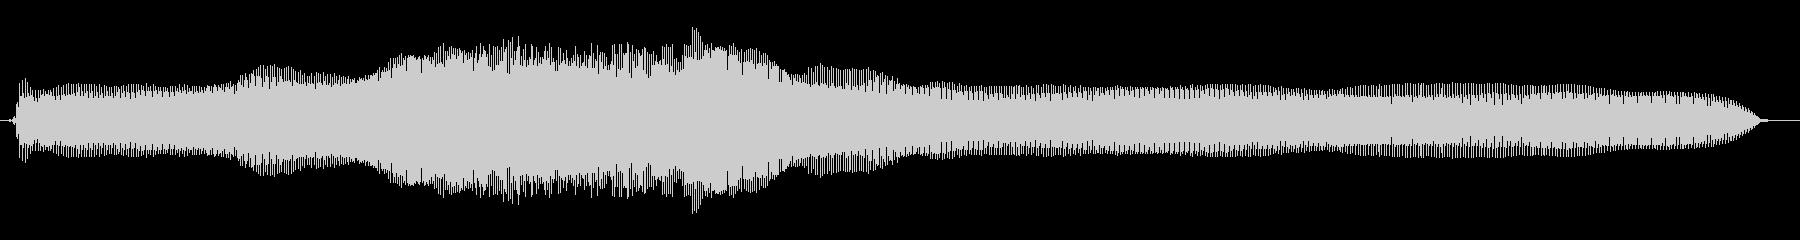 びっくりチキン大 ロングトーンの未再生の波形